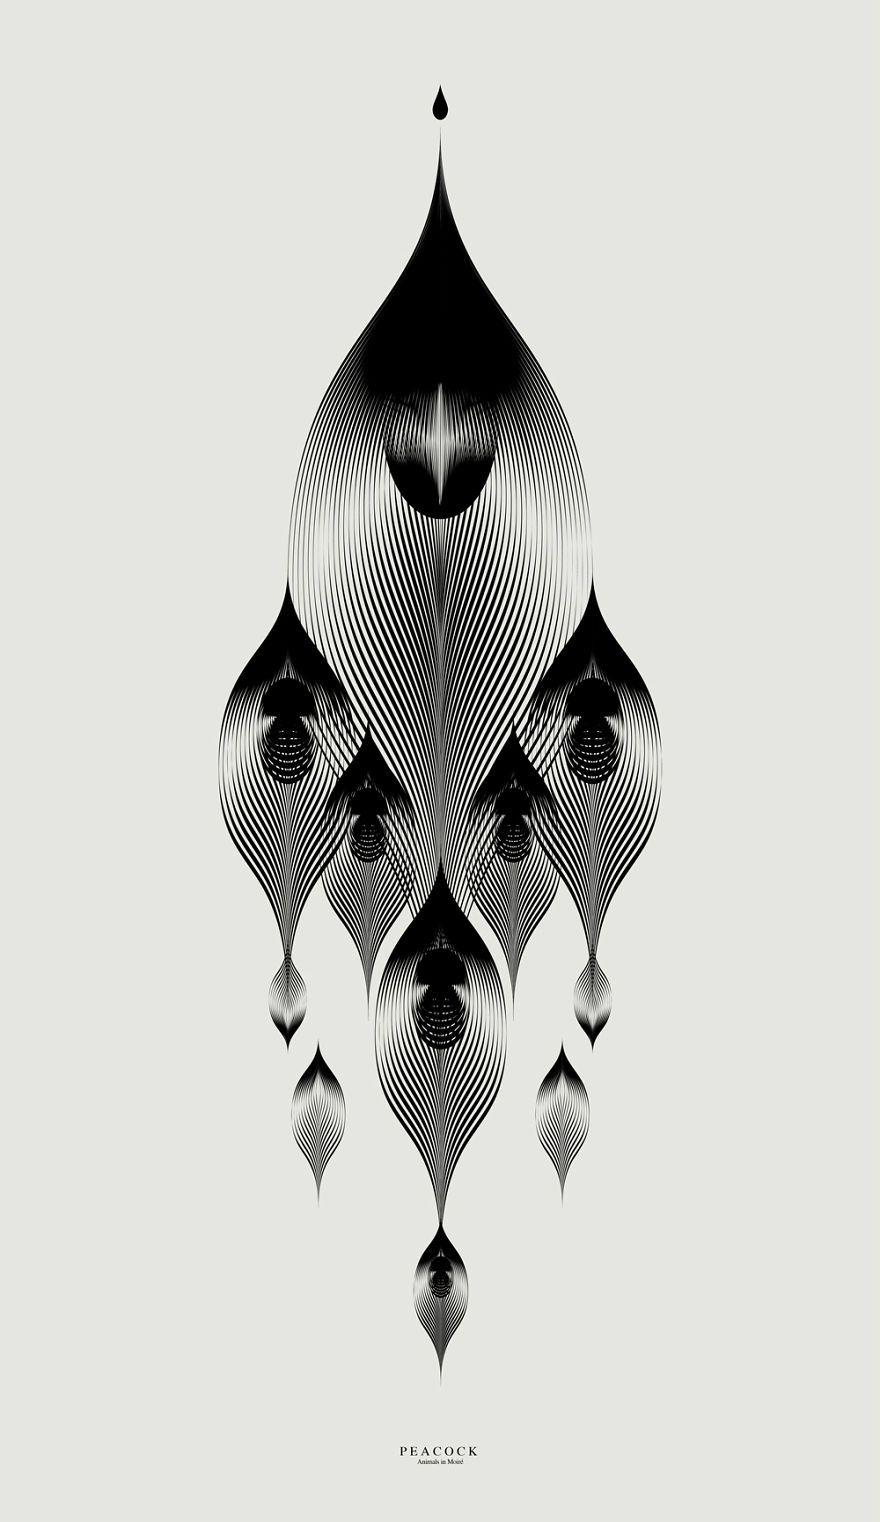 Les illustrations  base de lignes géométriques avec un moiré de Andrea Minini Dessein de dessin